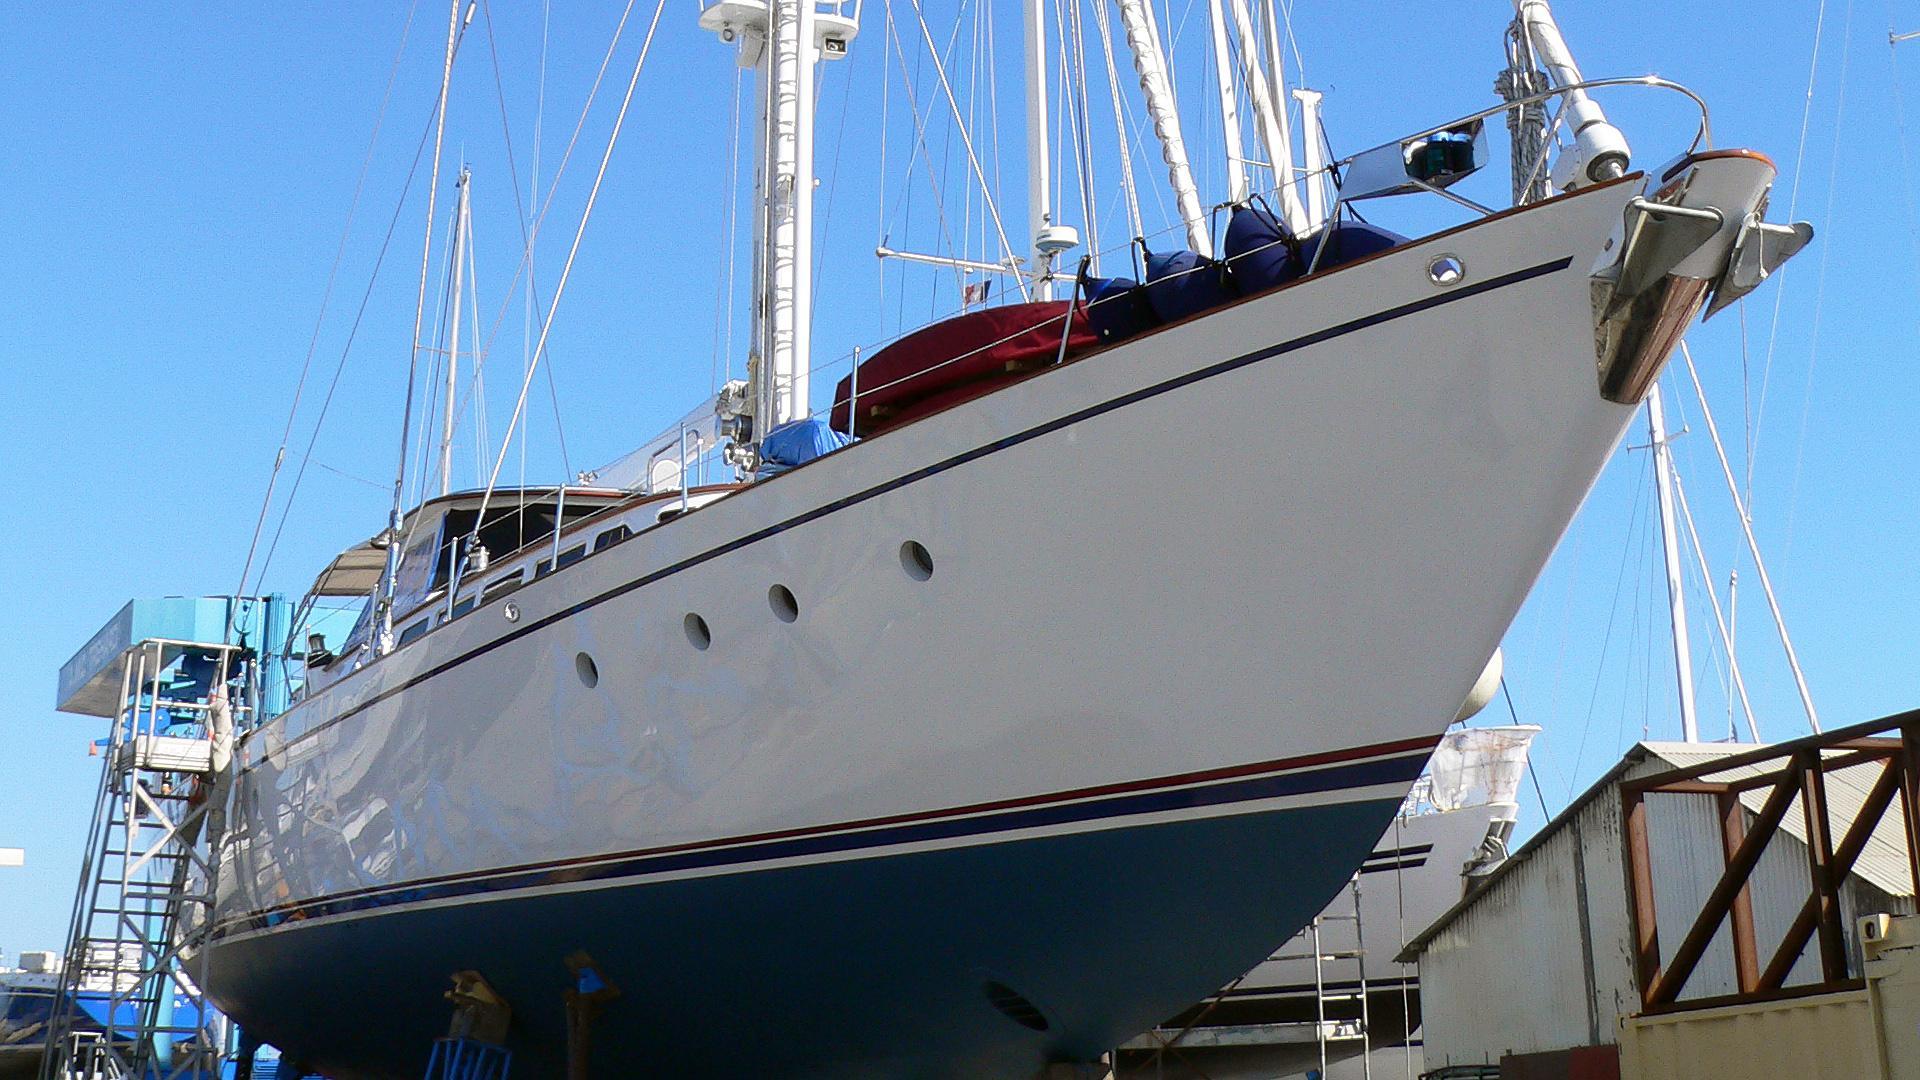 cavu-bow-sailing-yacht-stephens-1983-30m-shipyard